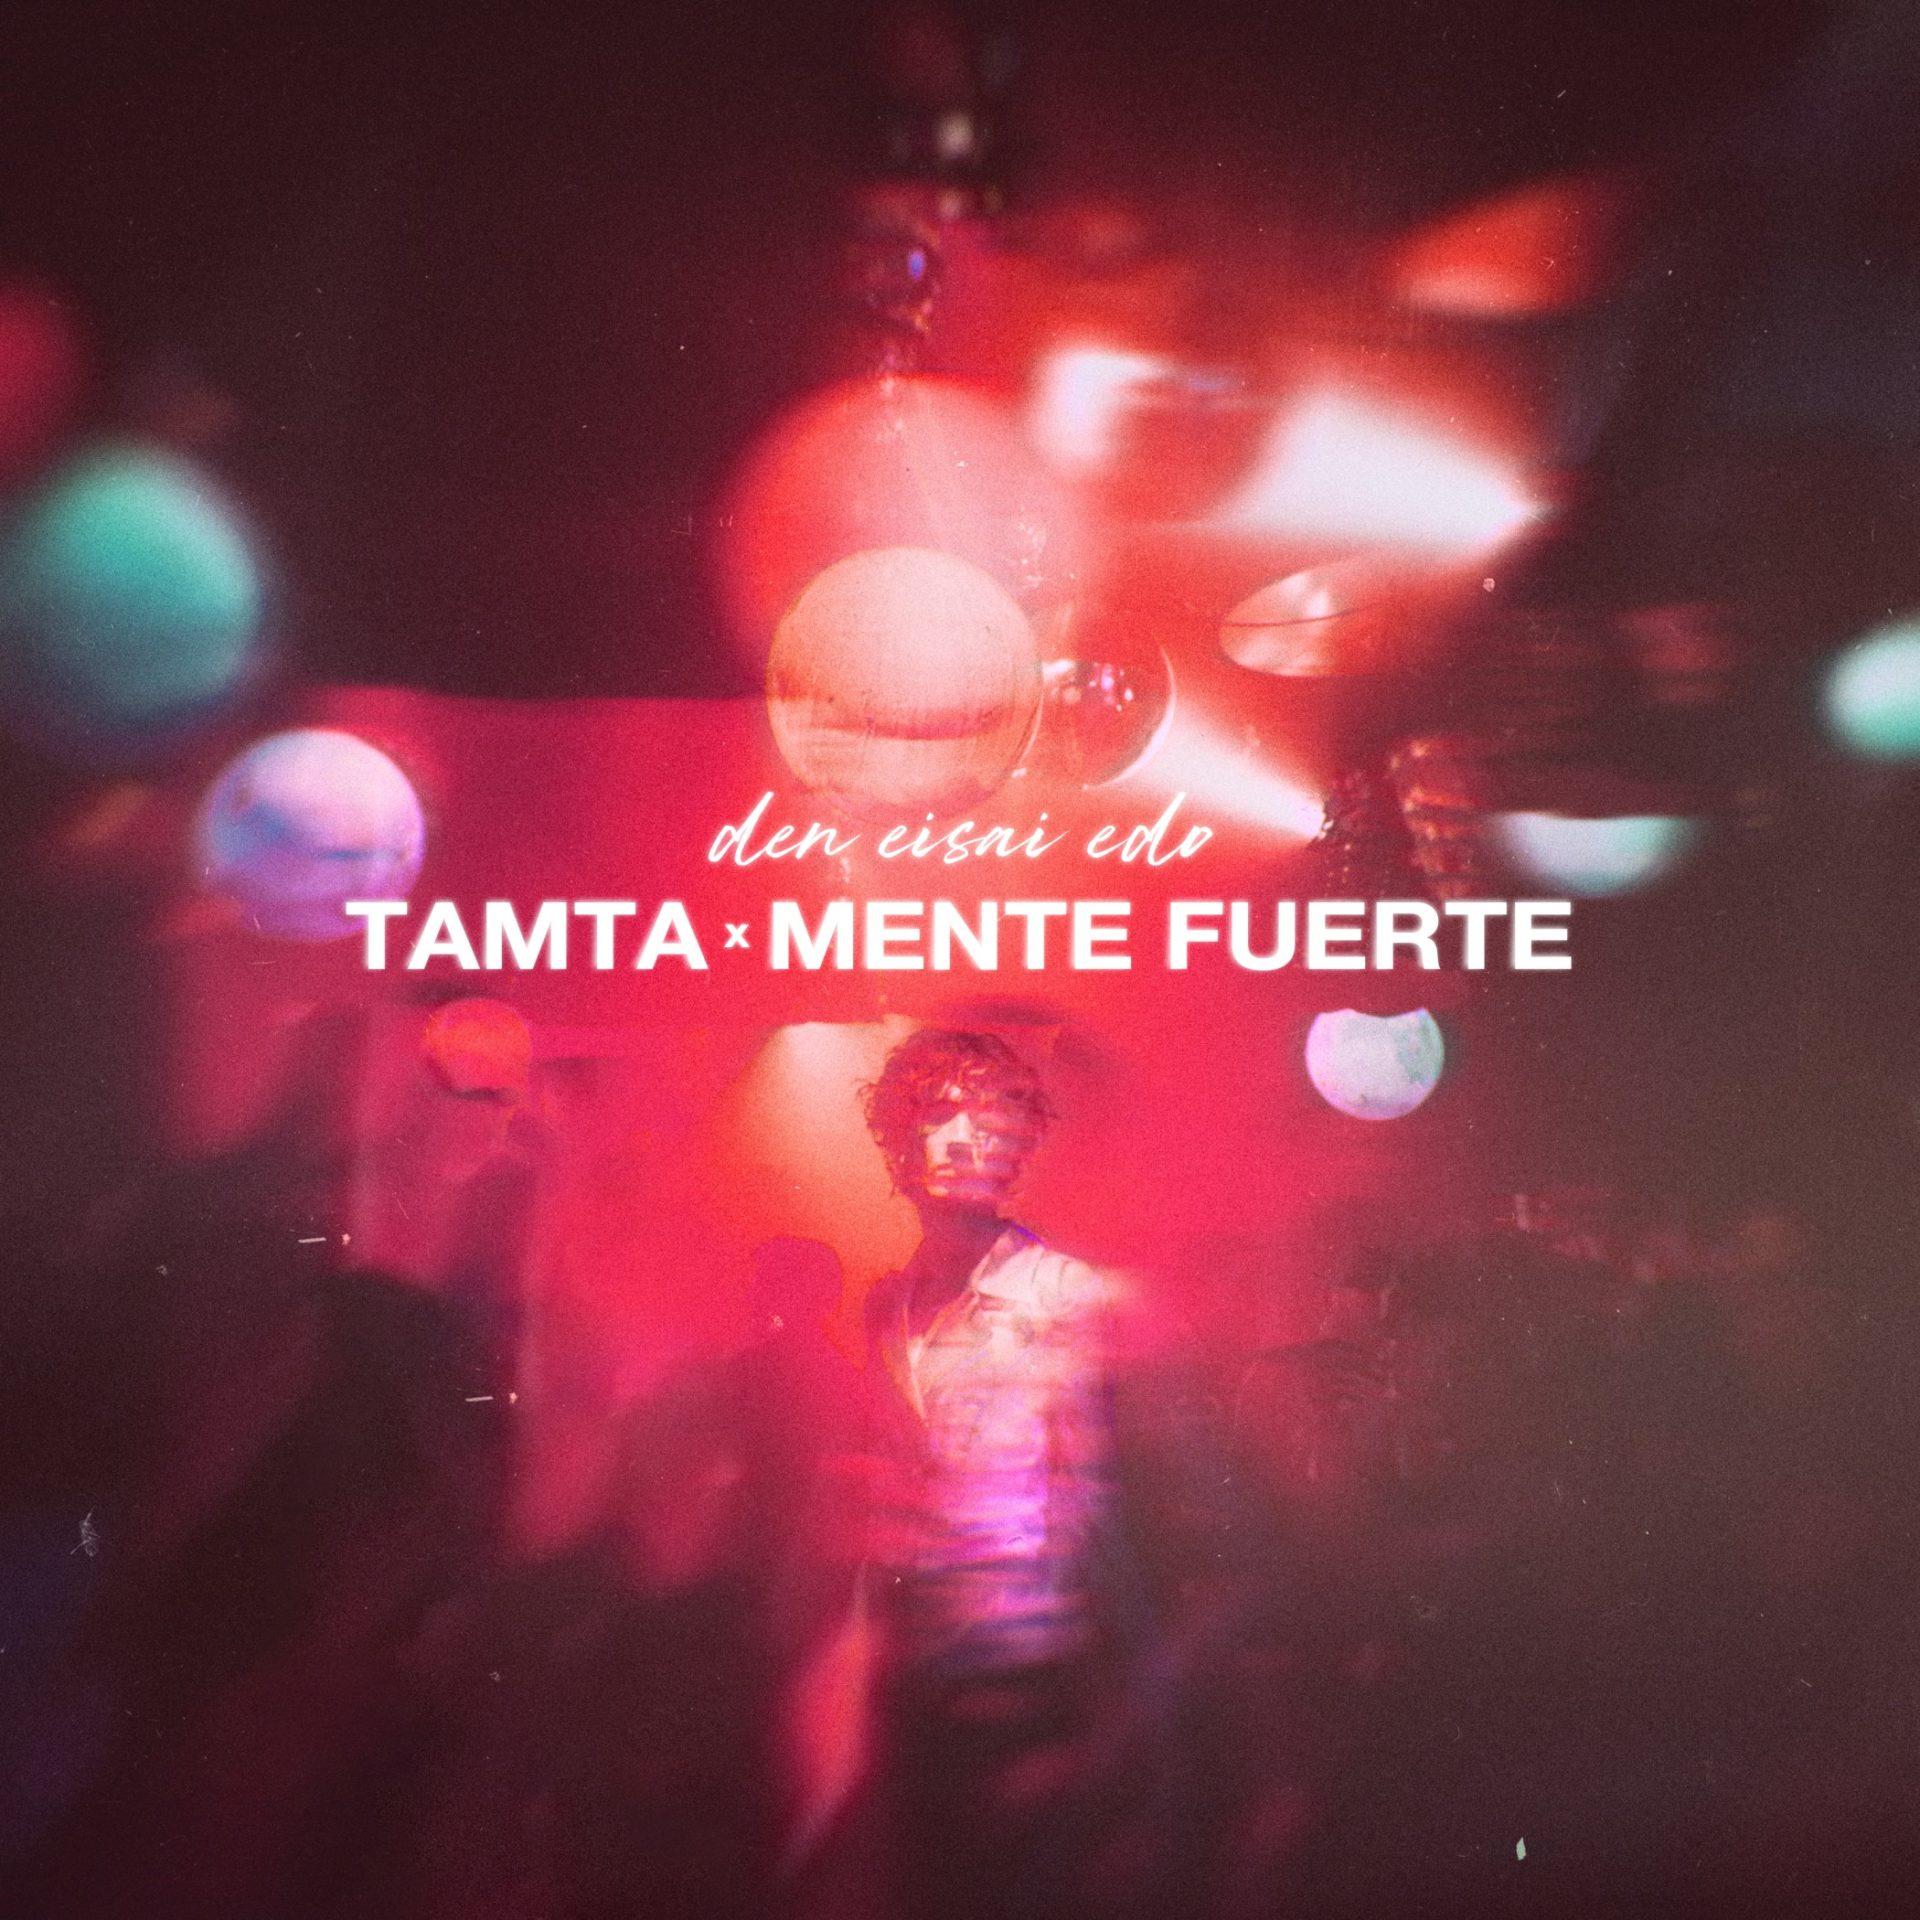 Τάμτα x Mente Fuerte - «Δεν Είσαι Εδώ» | Η πιο hot συνεργασία κυκλοφόρησε!